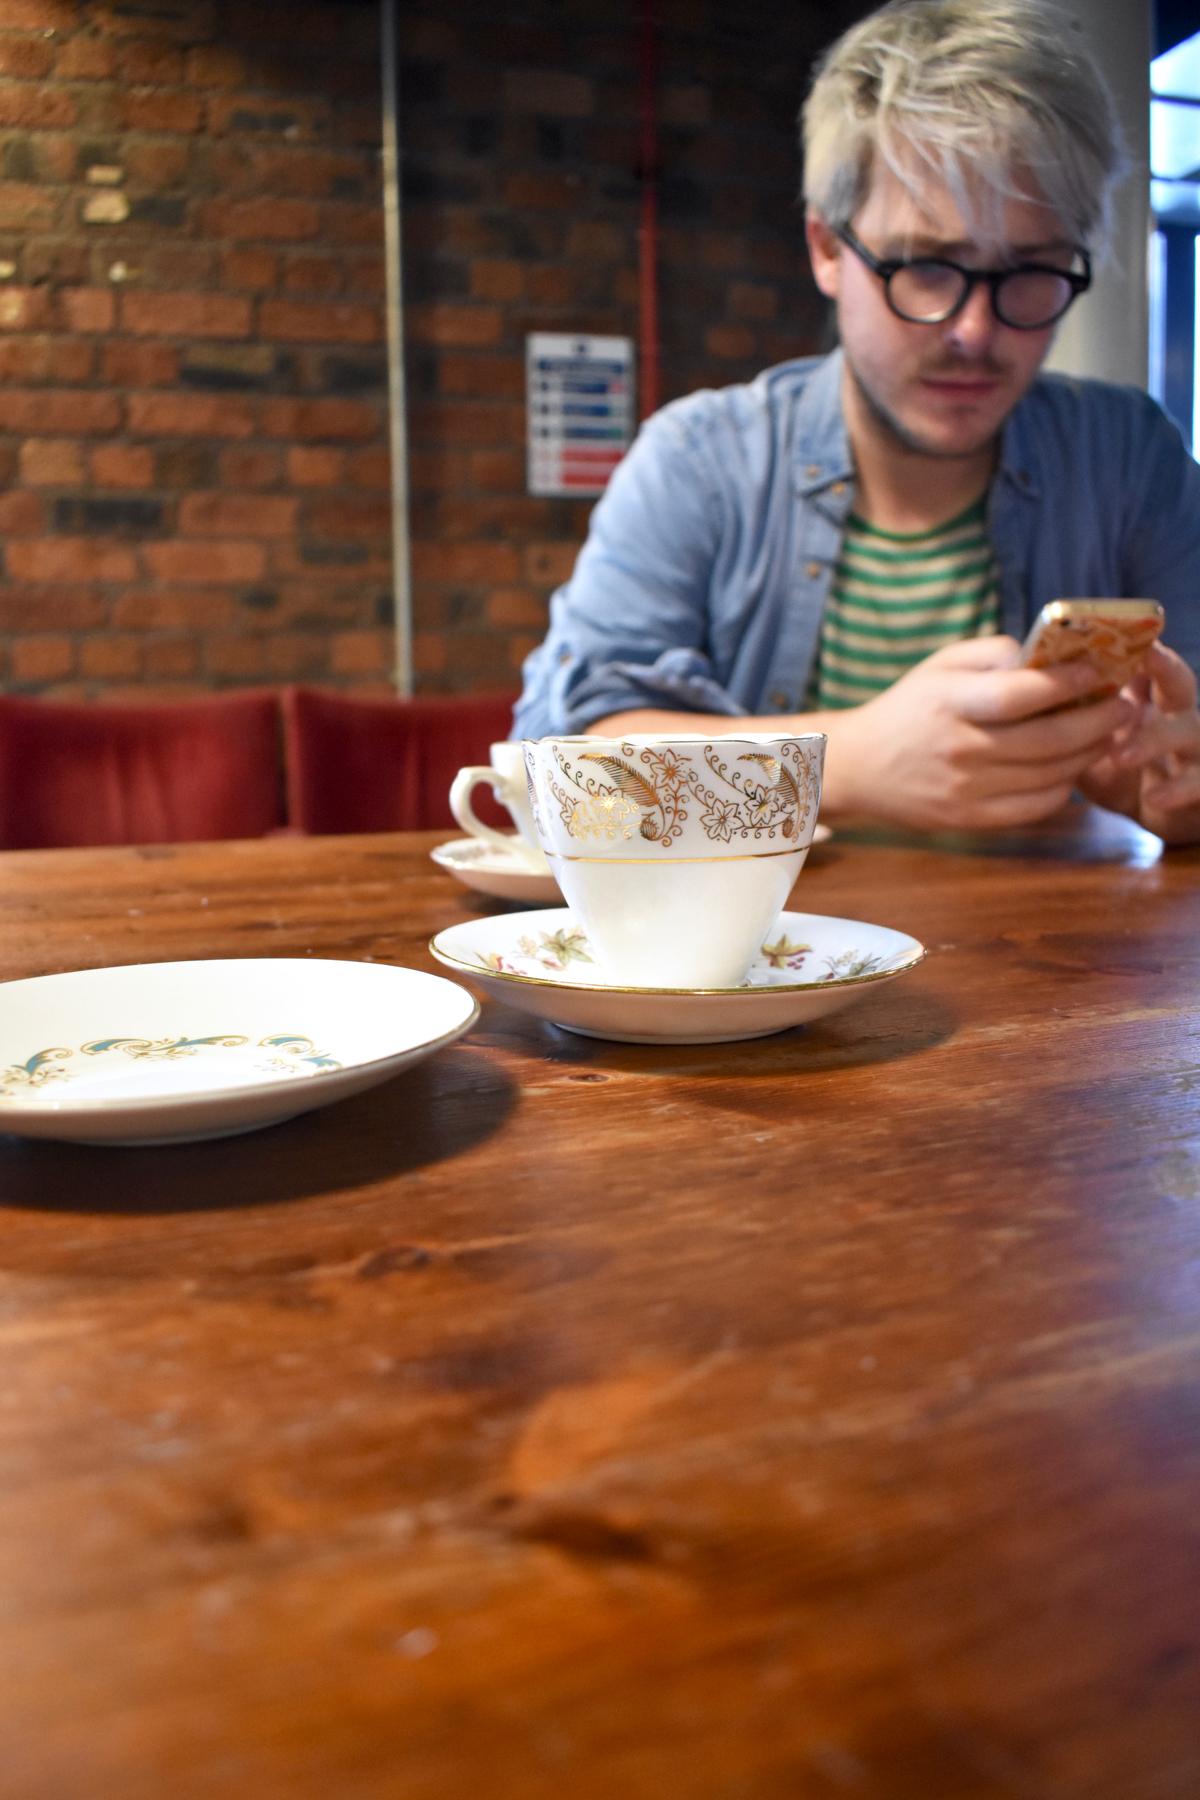 afternoon punk tea, afternoon tea pinterest ideas, baltic liverpool afternoon tea, baltic social baltic triangle, baltic social liverpool, baltic social punk tea, baltic triangle liverpool restaurant, gin afternoon tea liverpool, punk afternoon tea twist music, punk tea ideas